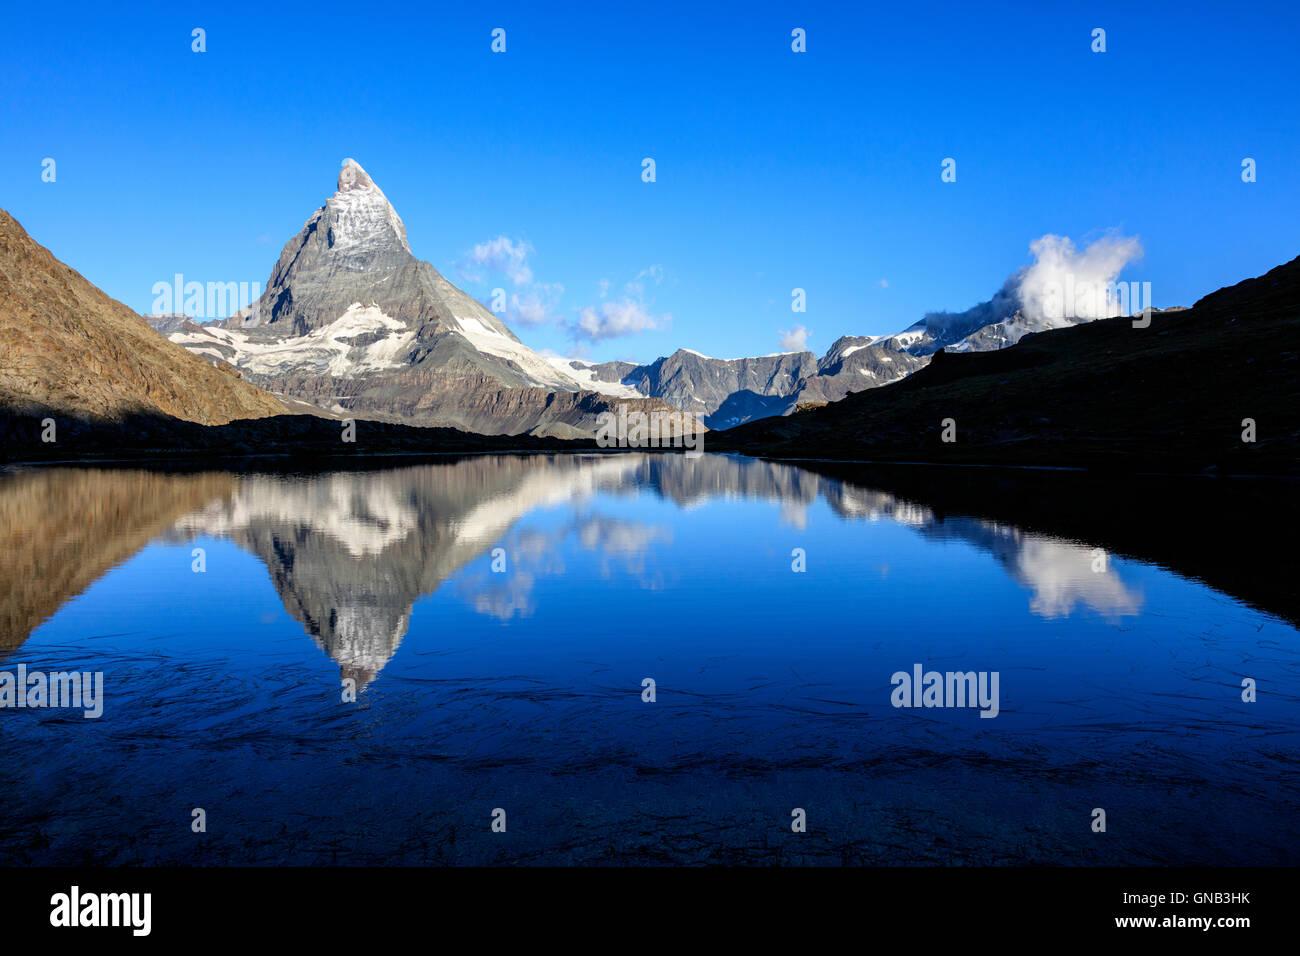 Il Cervino riflesso nelle acque blu del lago Stellisee zermatt Alpi Pennine Cantone del Vallese Svizzera Europa Foto Stock